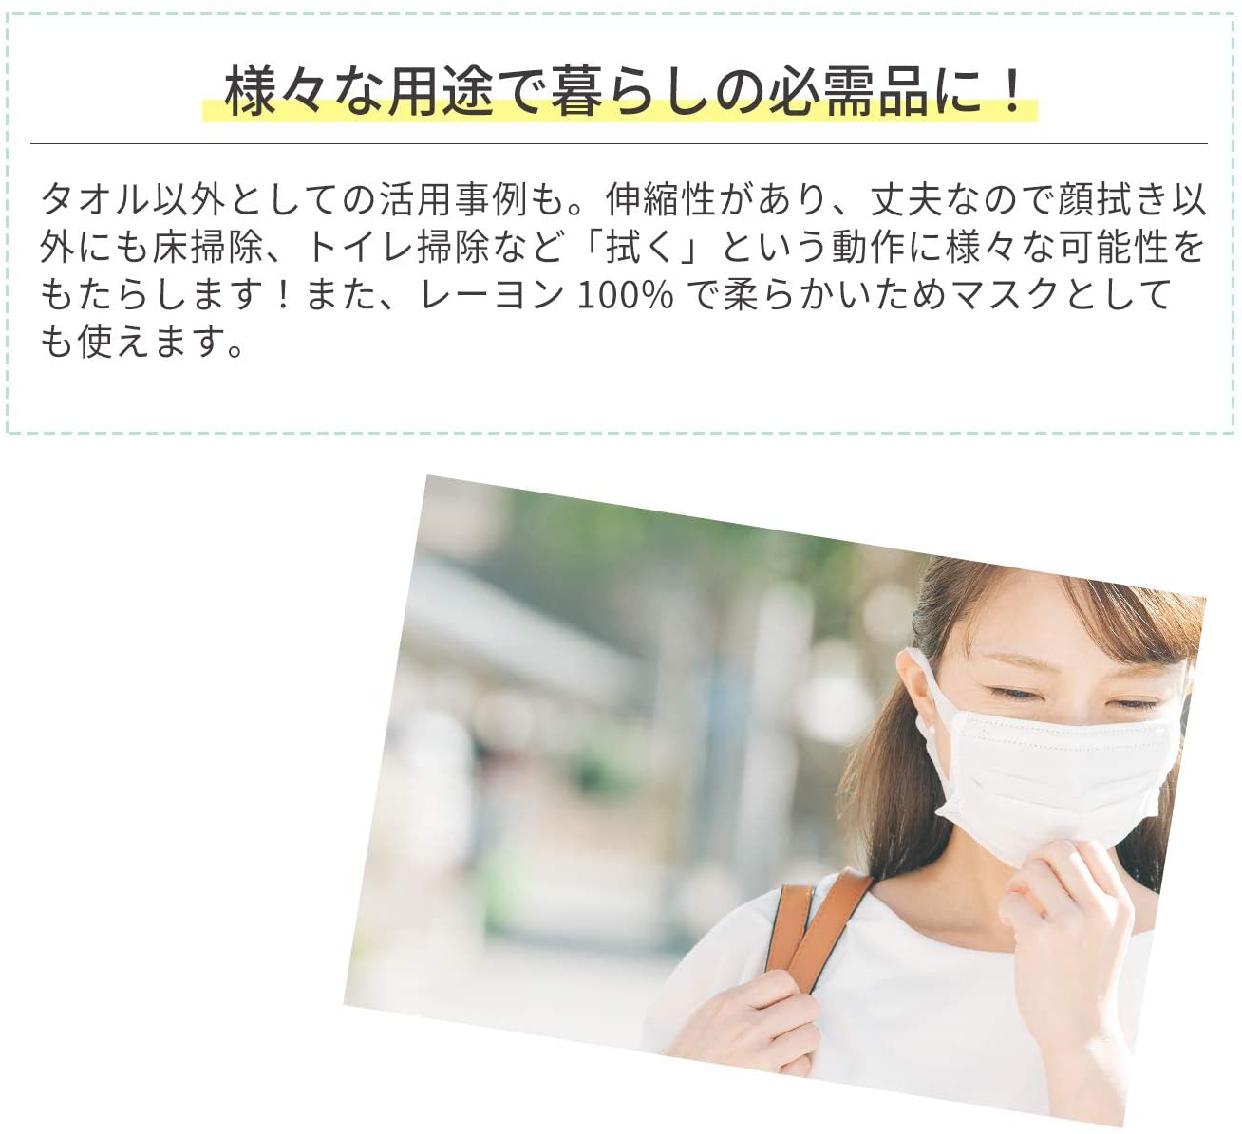 ISHOKU LIFE ノンペーパータオル 厚手 100枚×20個の商品画像5